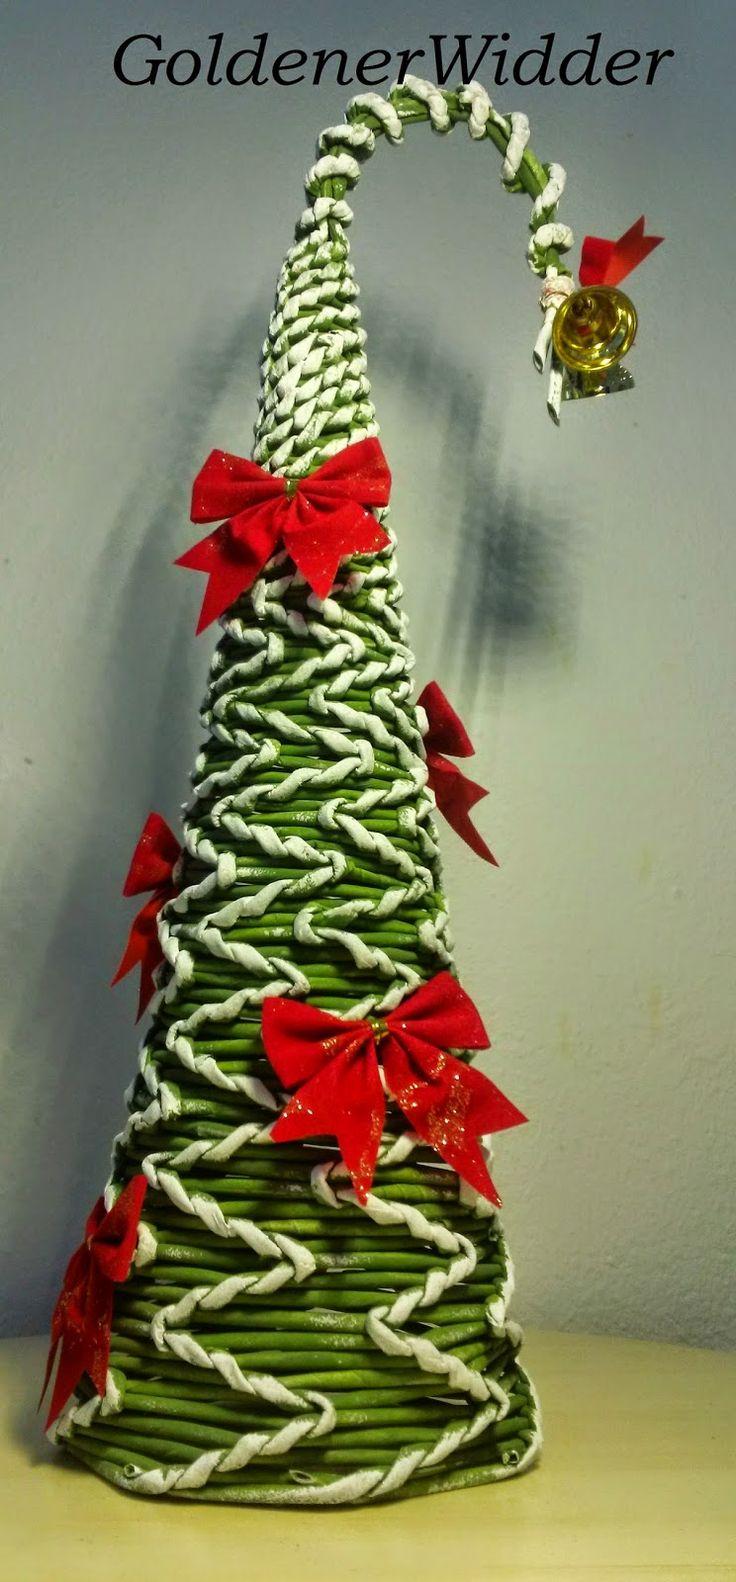 Плетение из газетных трубочек: Ёлка зигзаг. Новогодняя поделка. Конус. Спиральное плетение. Зигзаг. Патина.